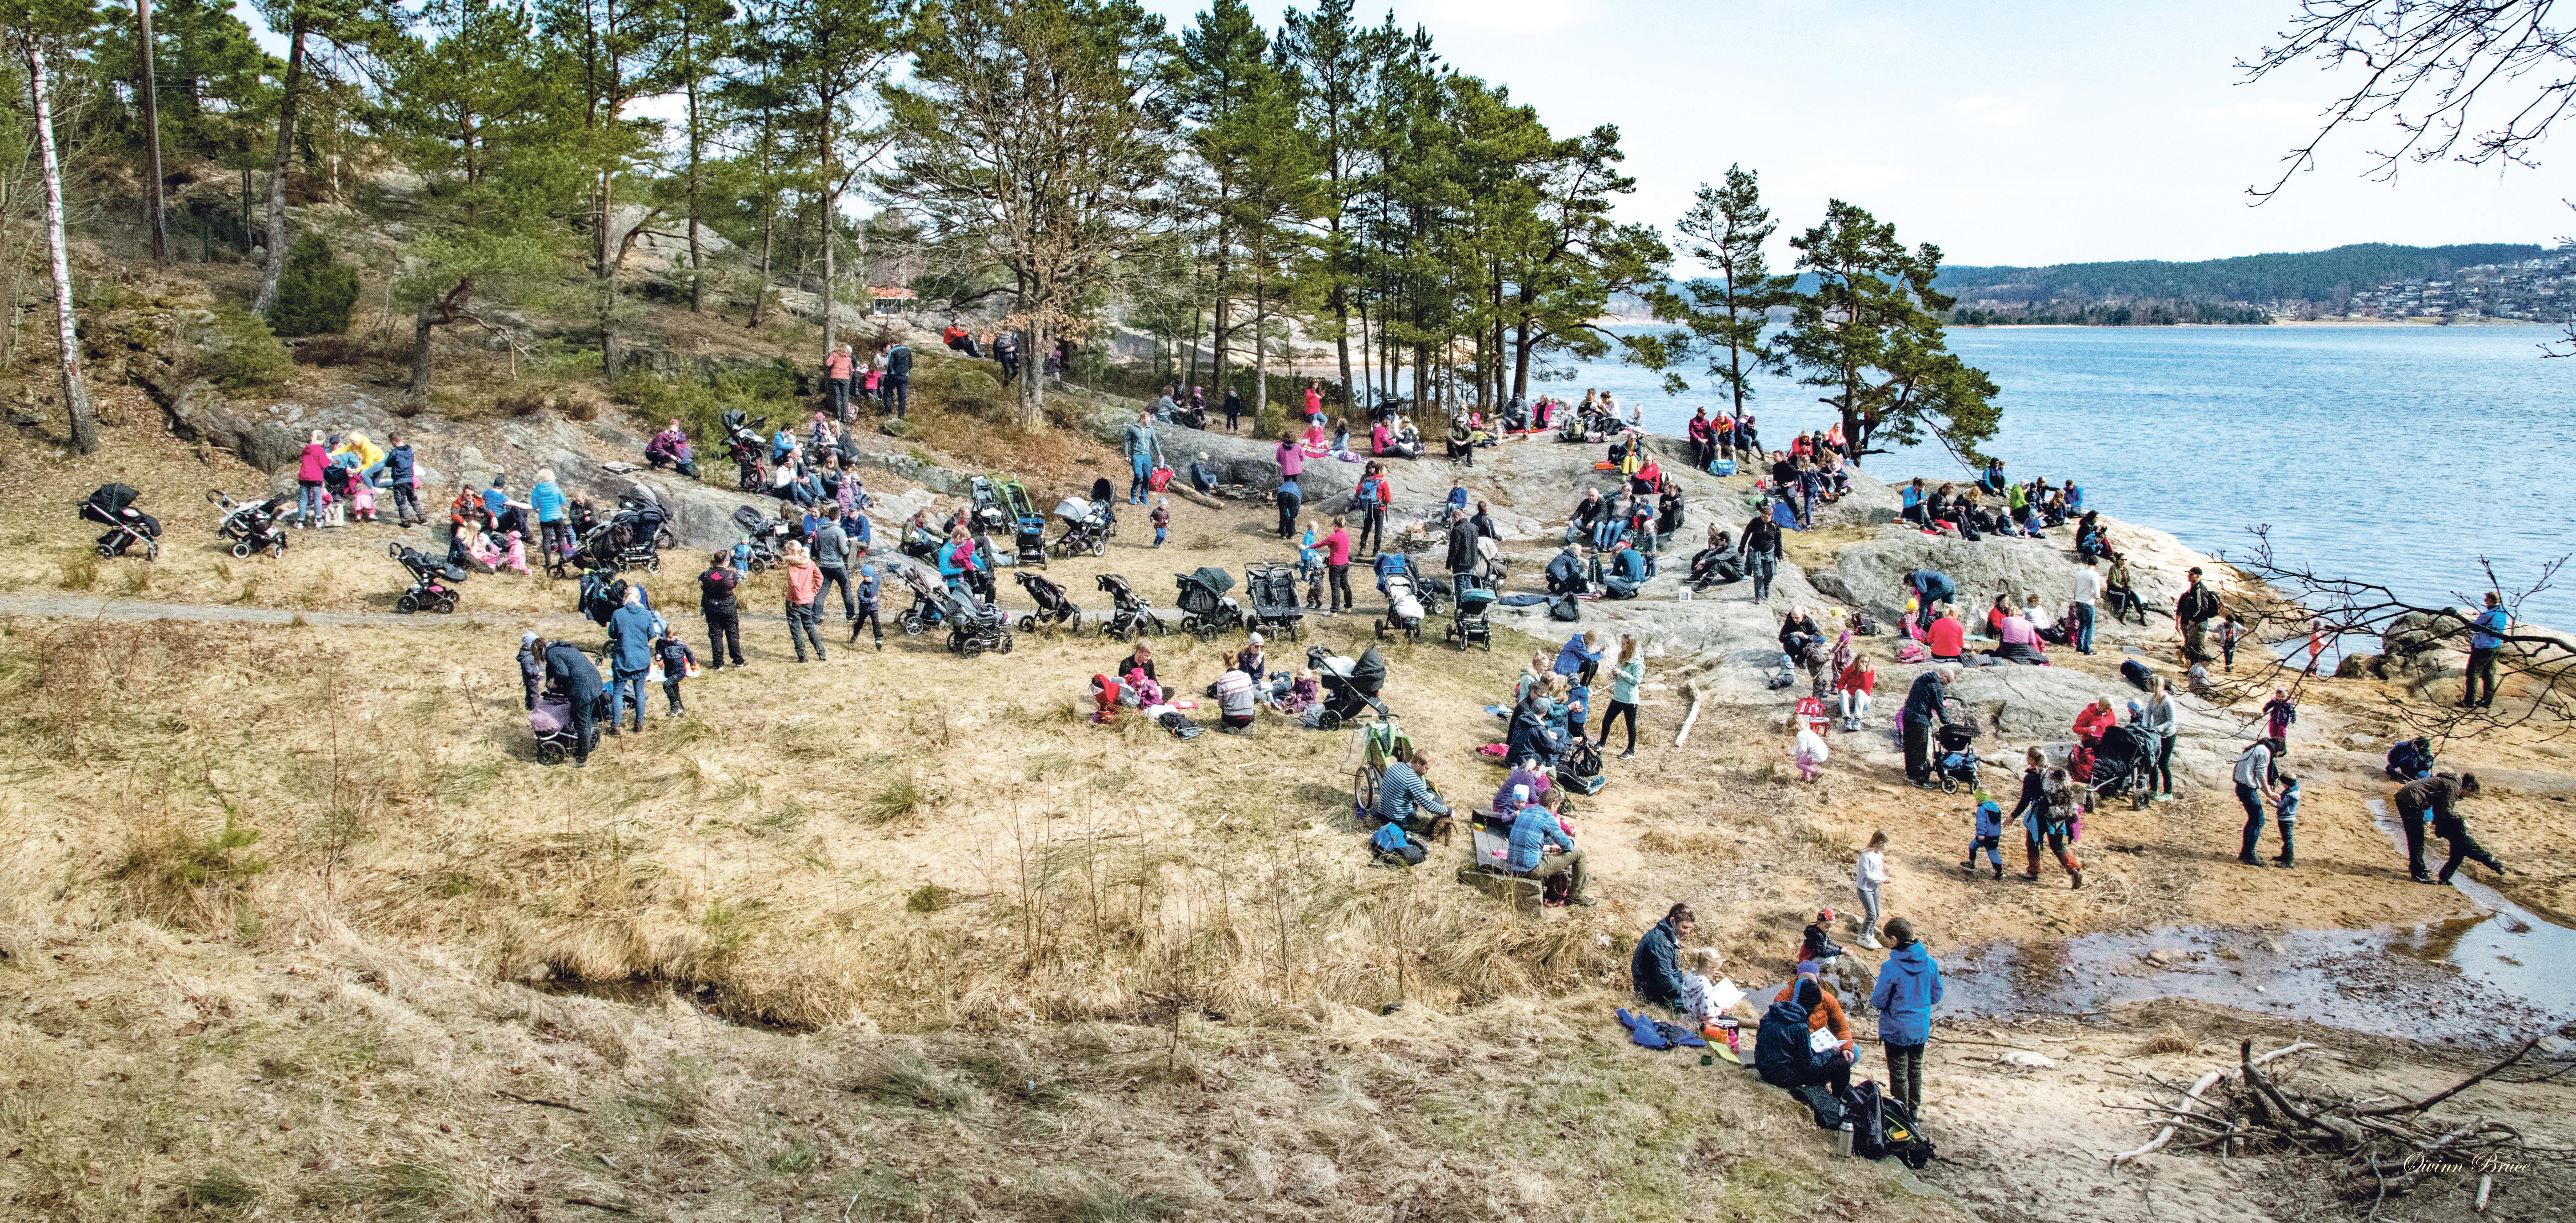 TROLLJEGERE: Rundt 270 Trolljegere Møtte Opp For å Gå Trollstien. Foto: Øivinn Bruce